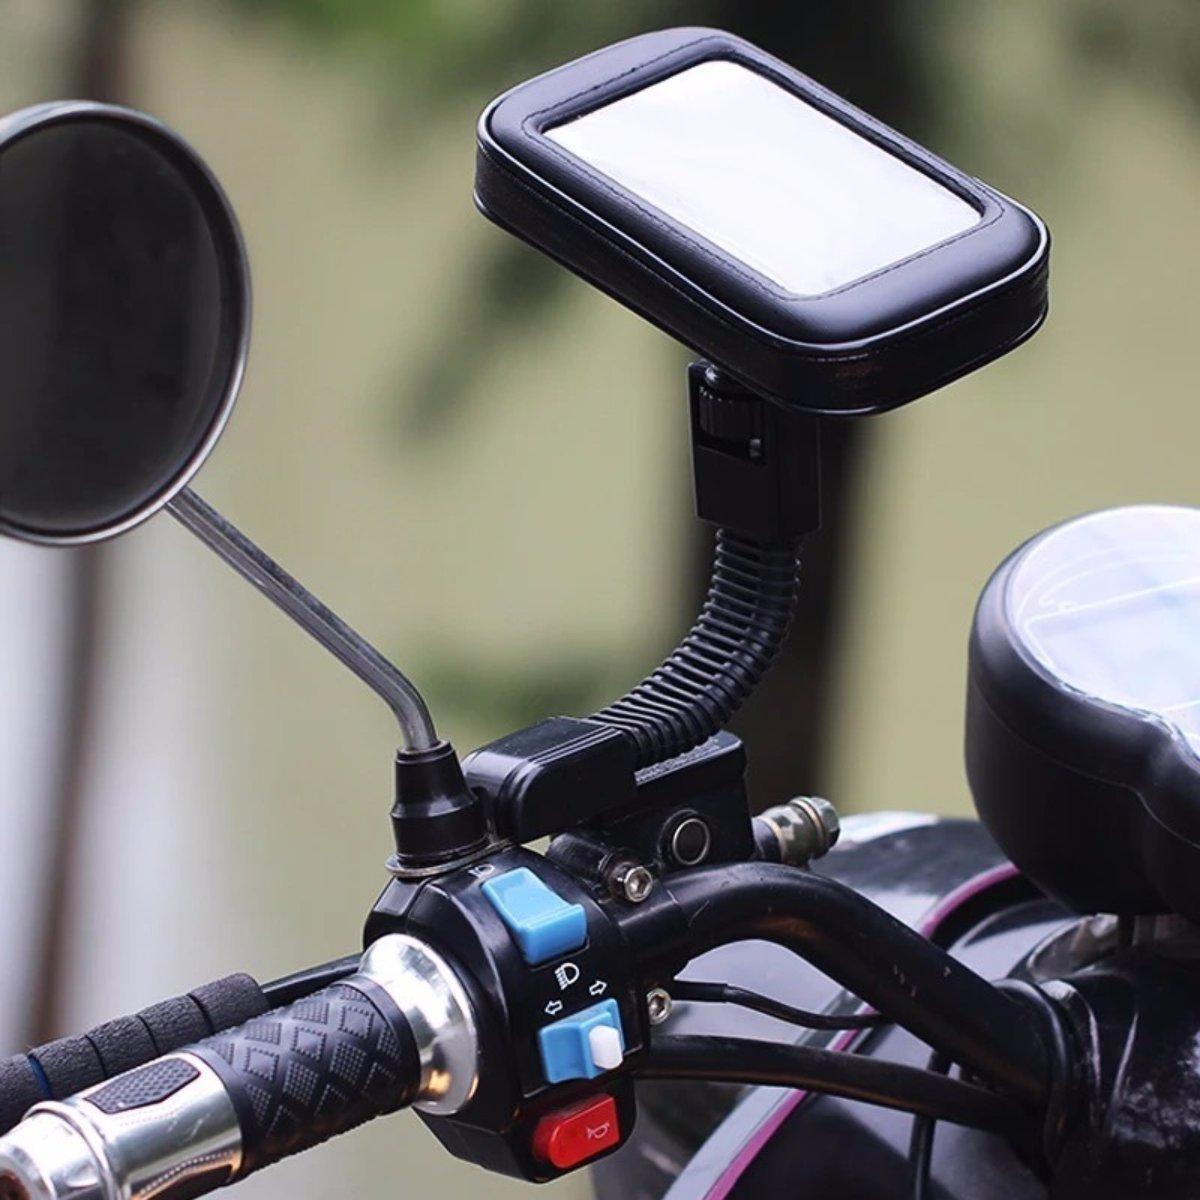 """KIT MOTOQUEIRO COM BALACLAVA TÉRMICA TOUCA NINJA BYRACER ANTI-ODOR + SUPORTE PARA CELULAR GPS 6,2"""""""